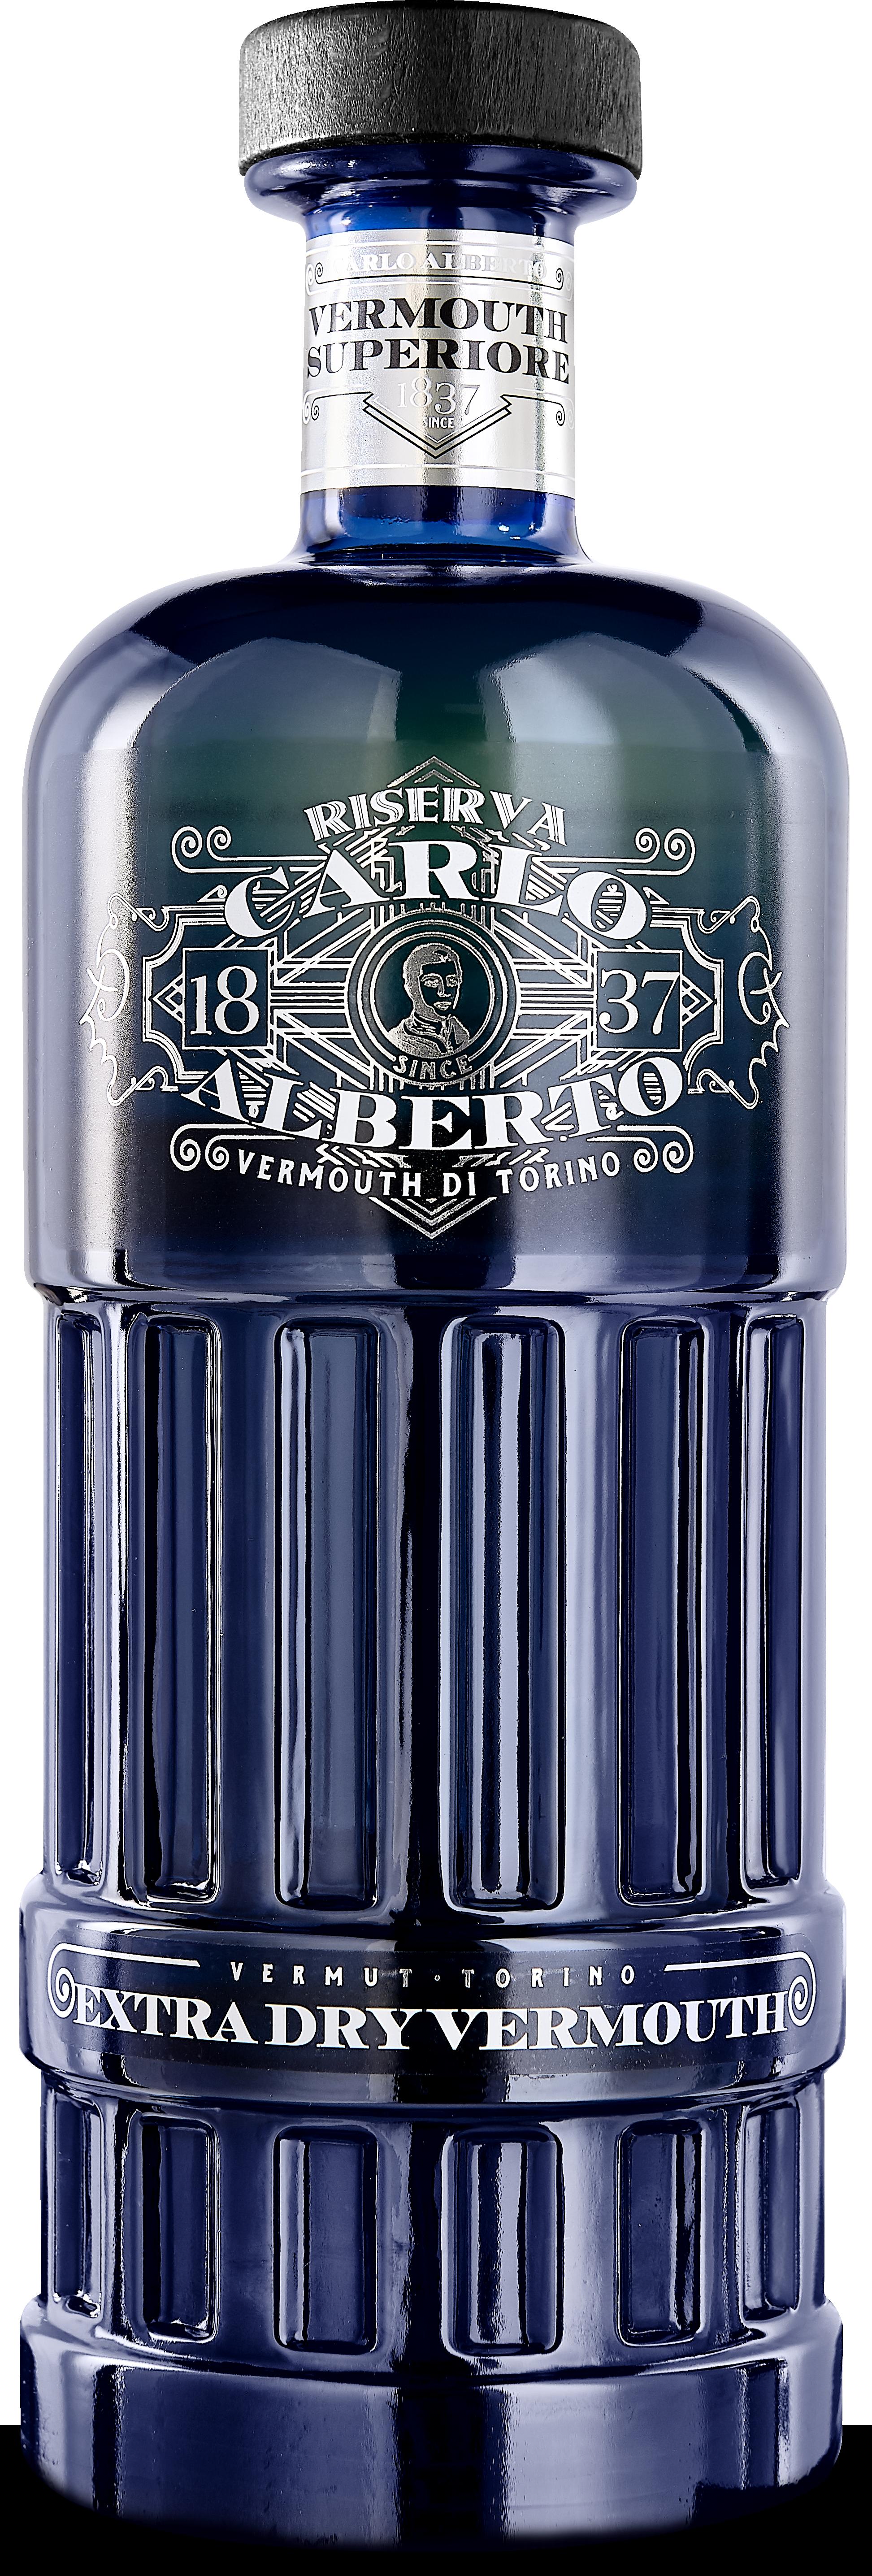 Riserva Carlo Alberto - Extra Dry Vermouth Superiore